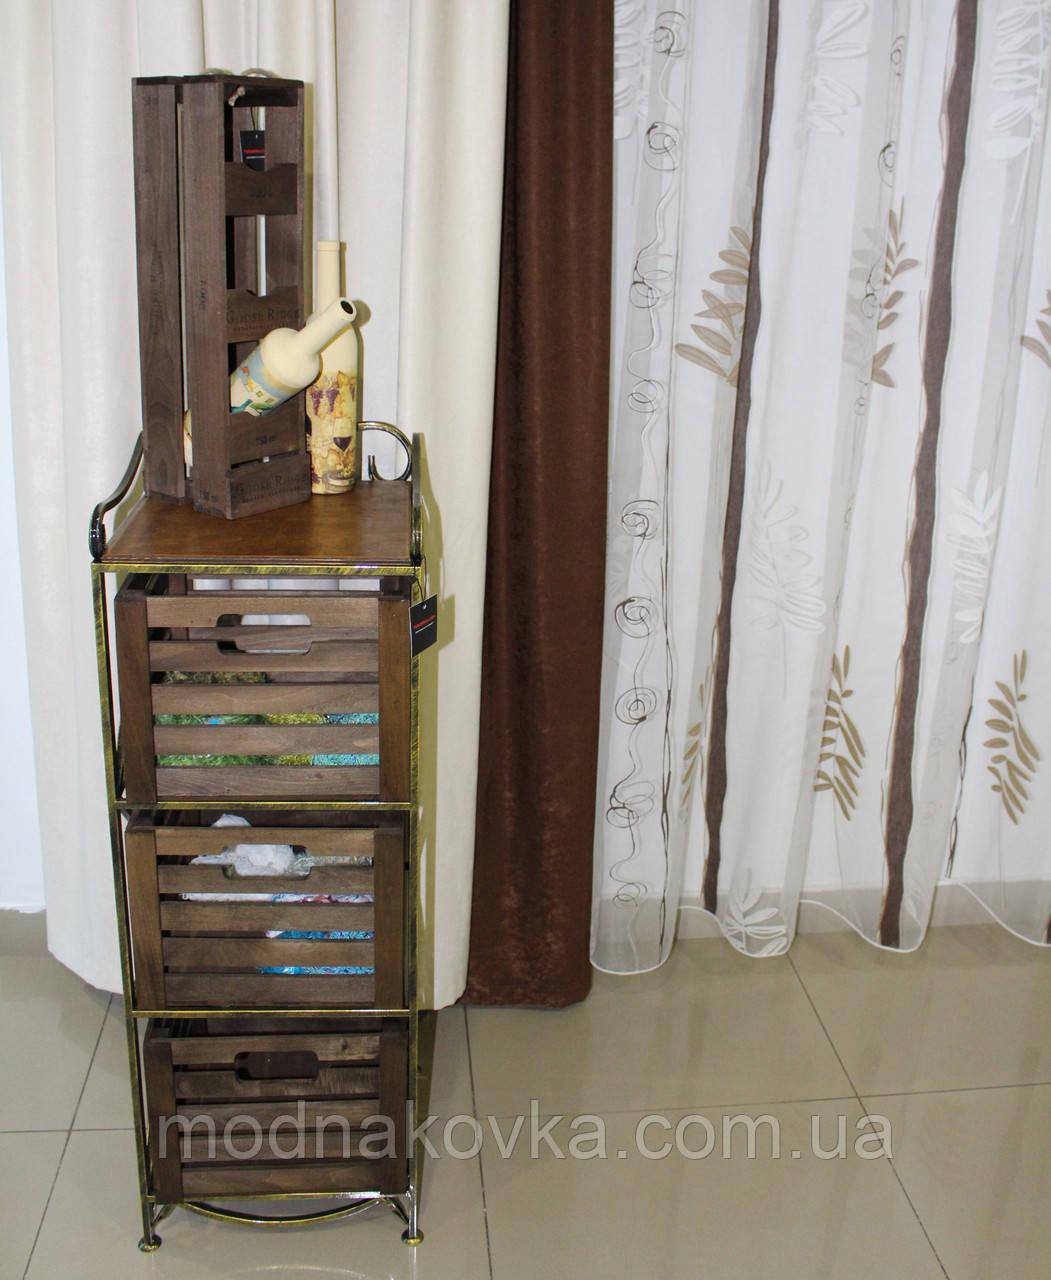 Этажерка кованая (полка металлическая) на 3 ящика вертикальная черная